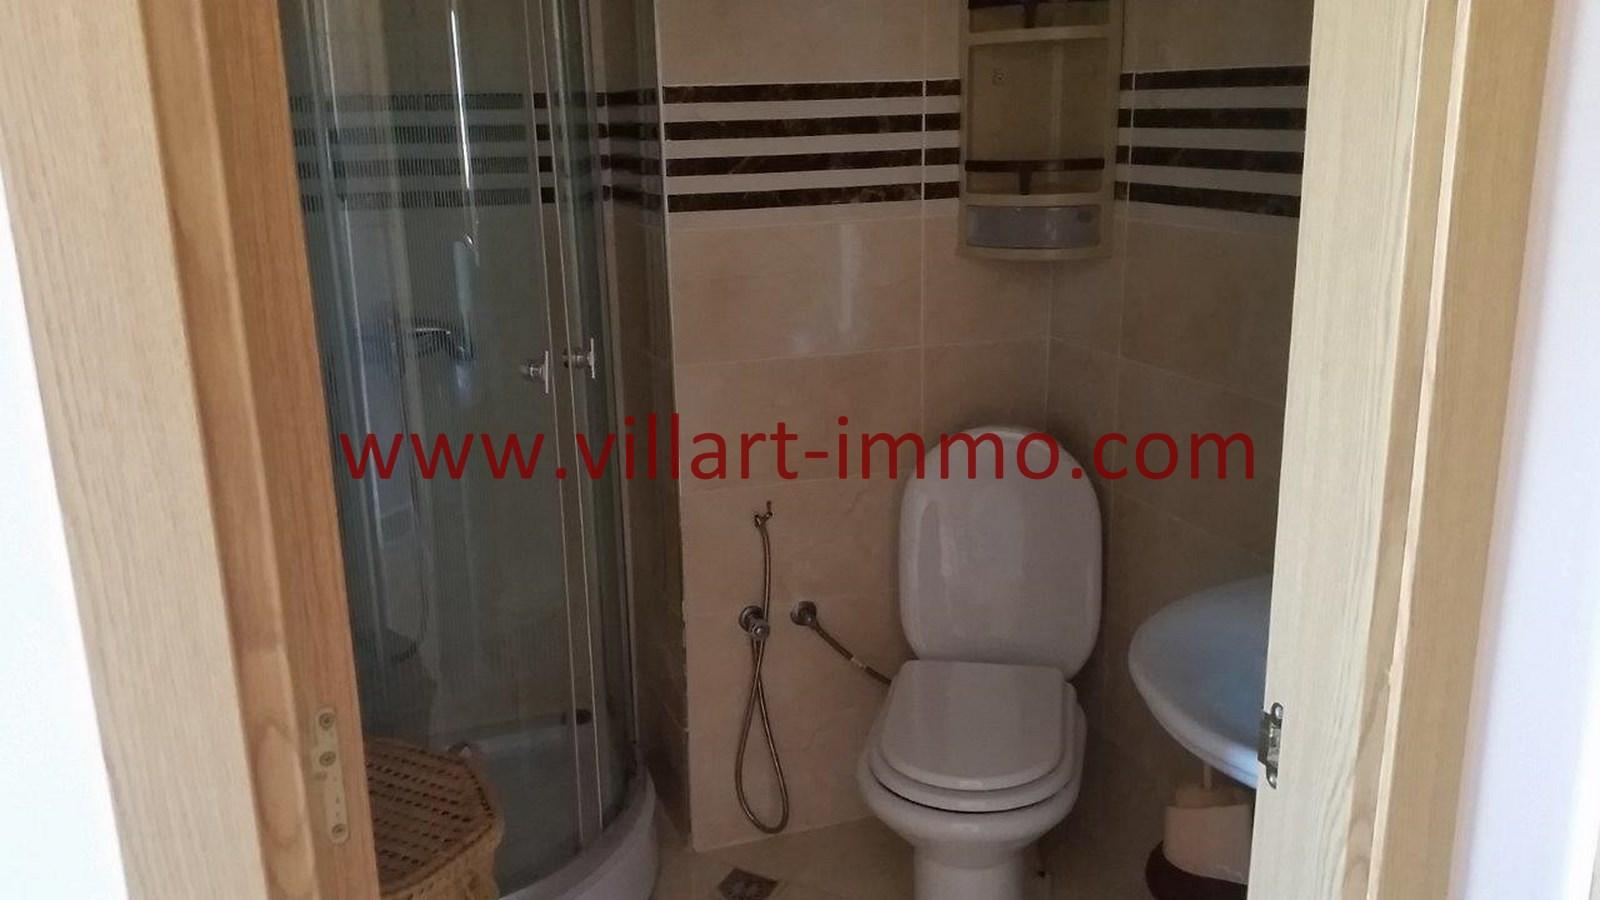 8-Location-Appartement-Meublé-Achakar-Tanger-Salle de bain 2-L831-Villart immo